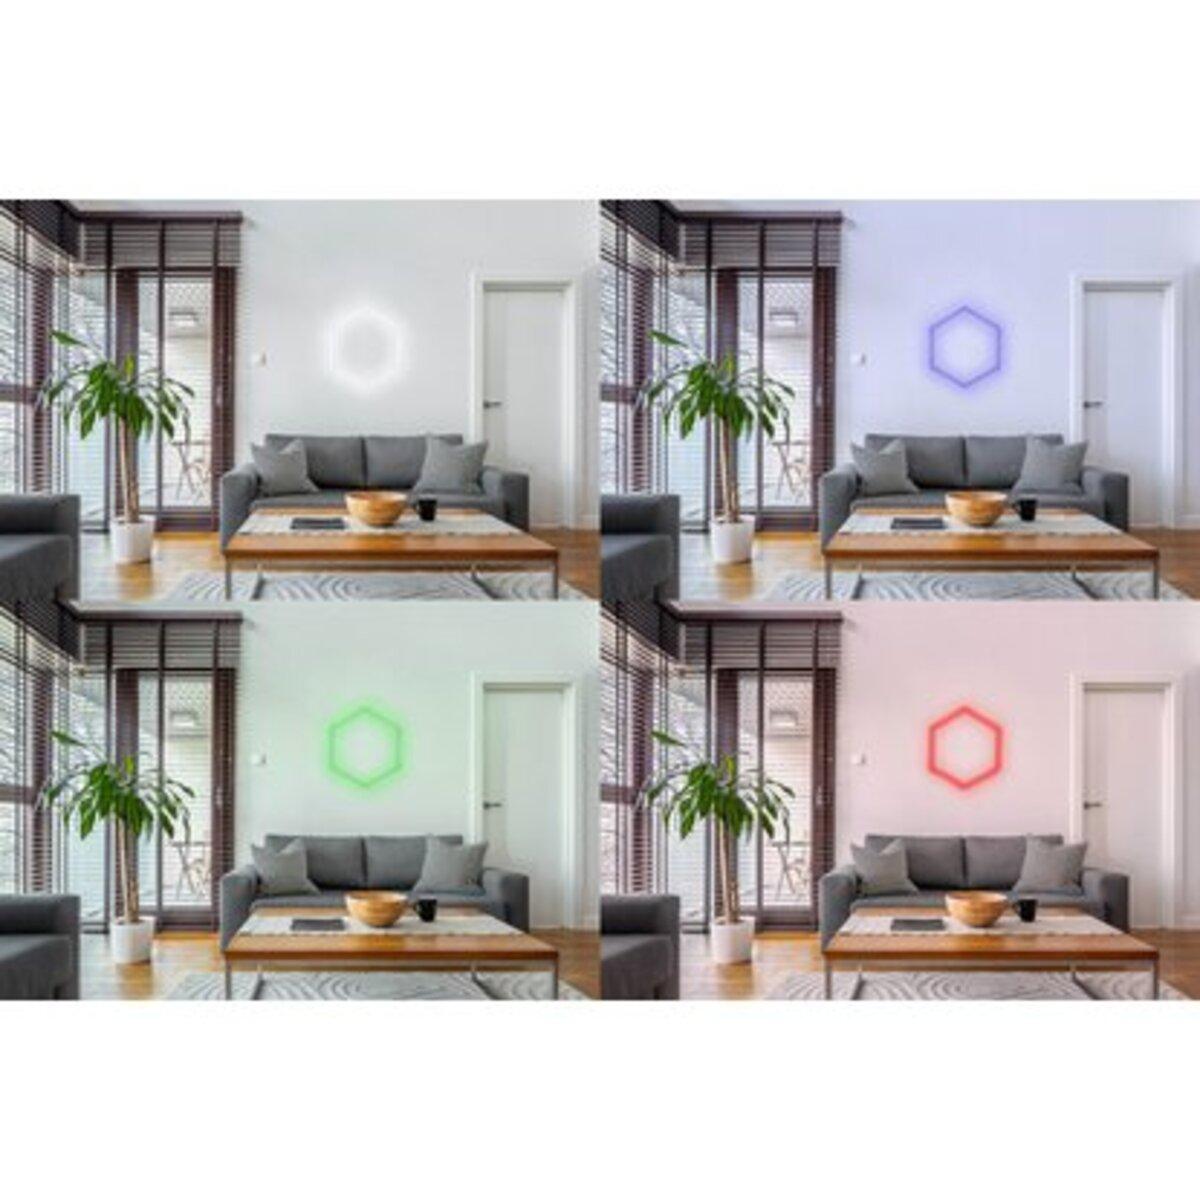 Bild 2 von Trio LED-Lichtsystem Lines Erweiterungs-Set 3er Weiß